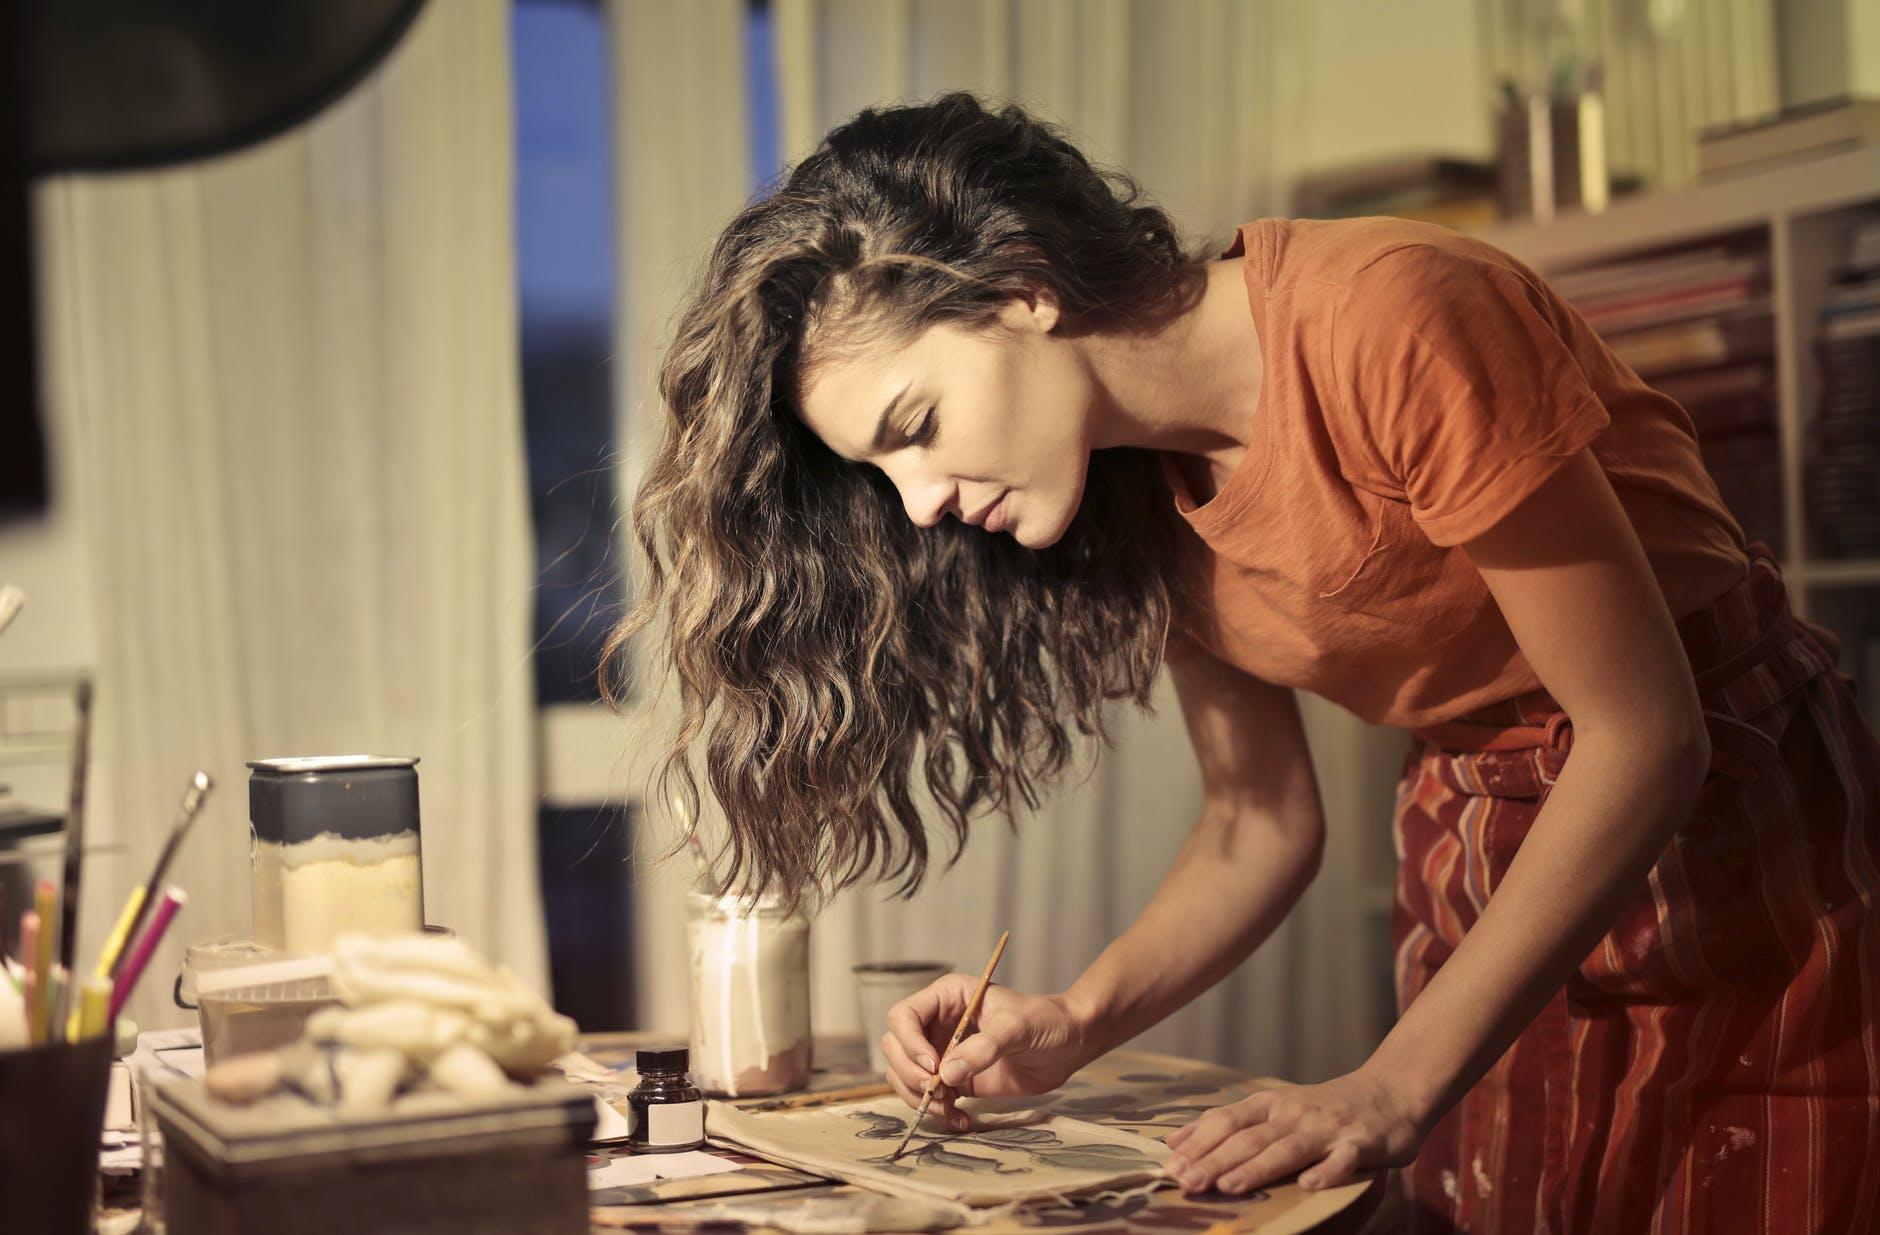 Artigianato e imprenditoria al femminile:  Online i prodotti lifestyle di designer e creative italiane indipendenti